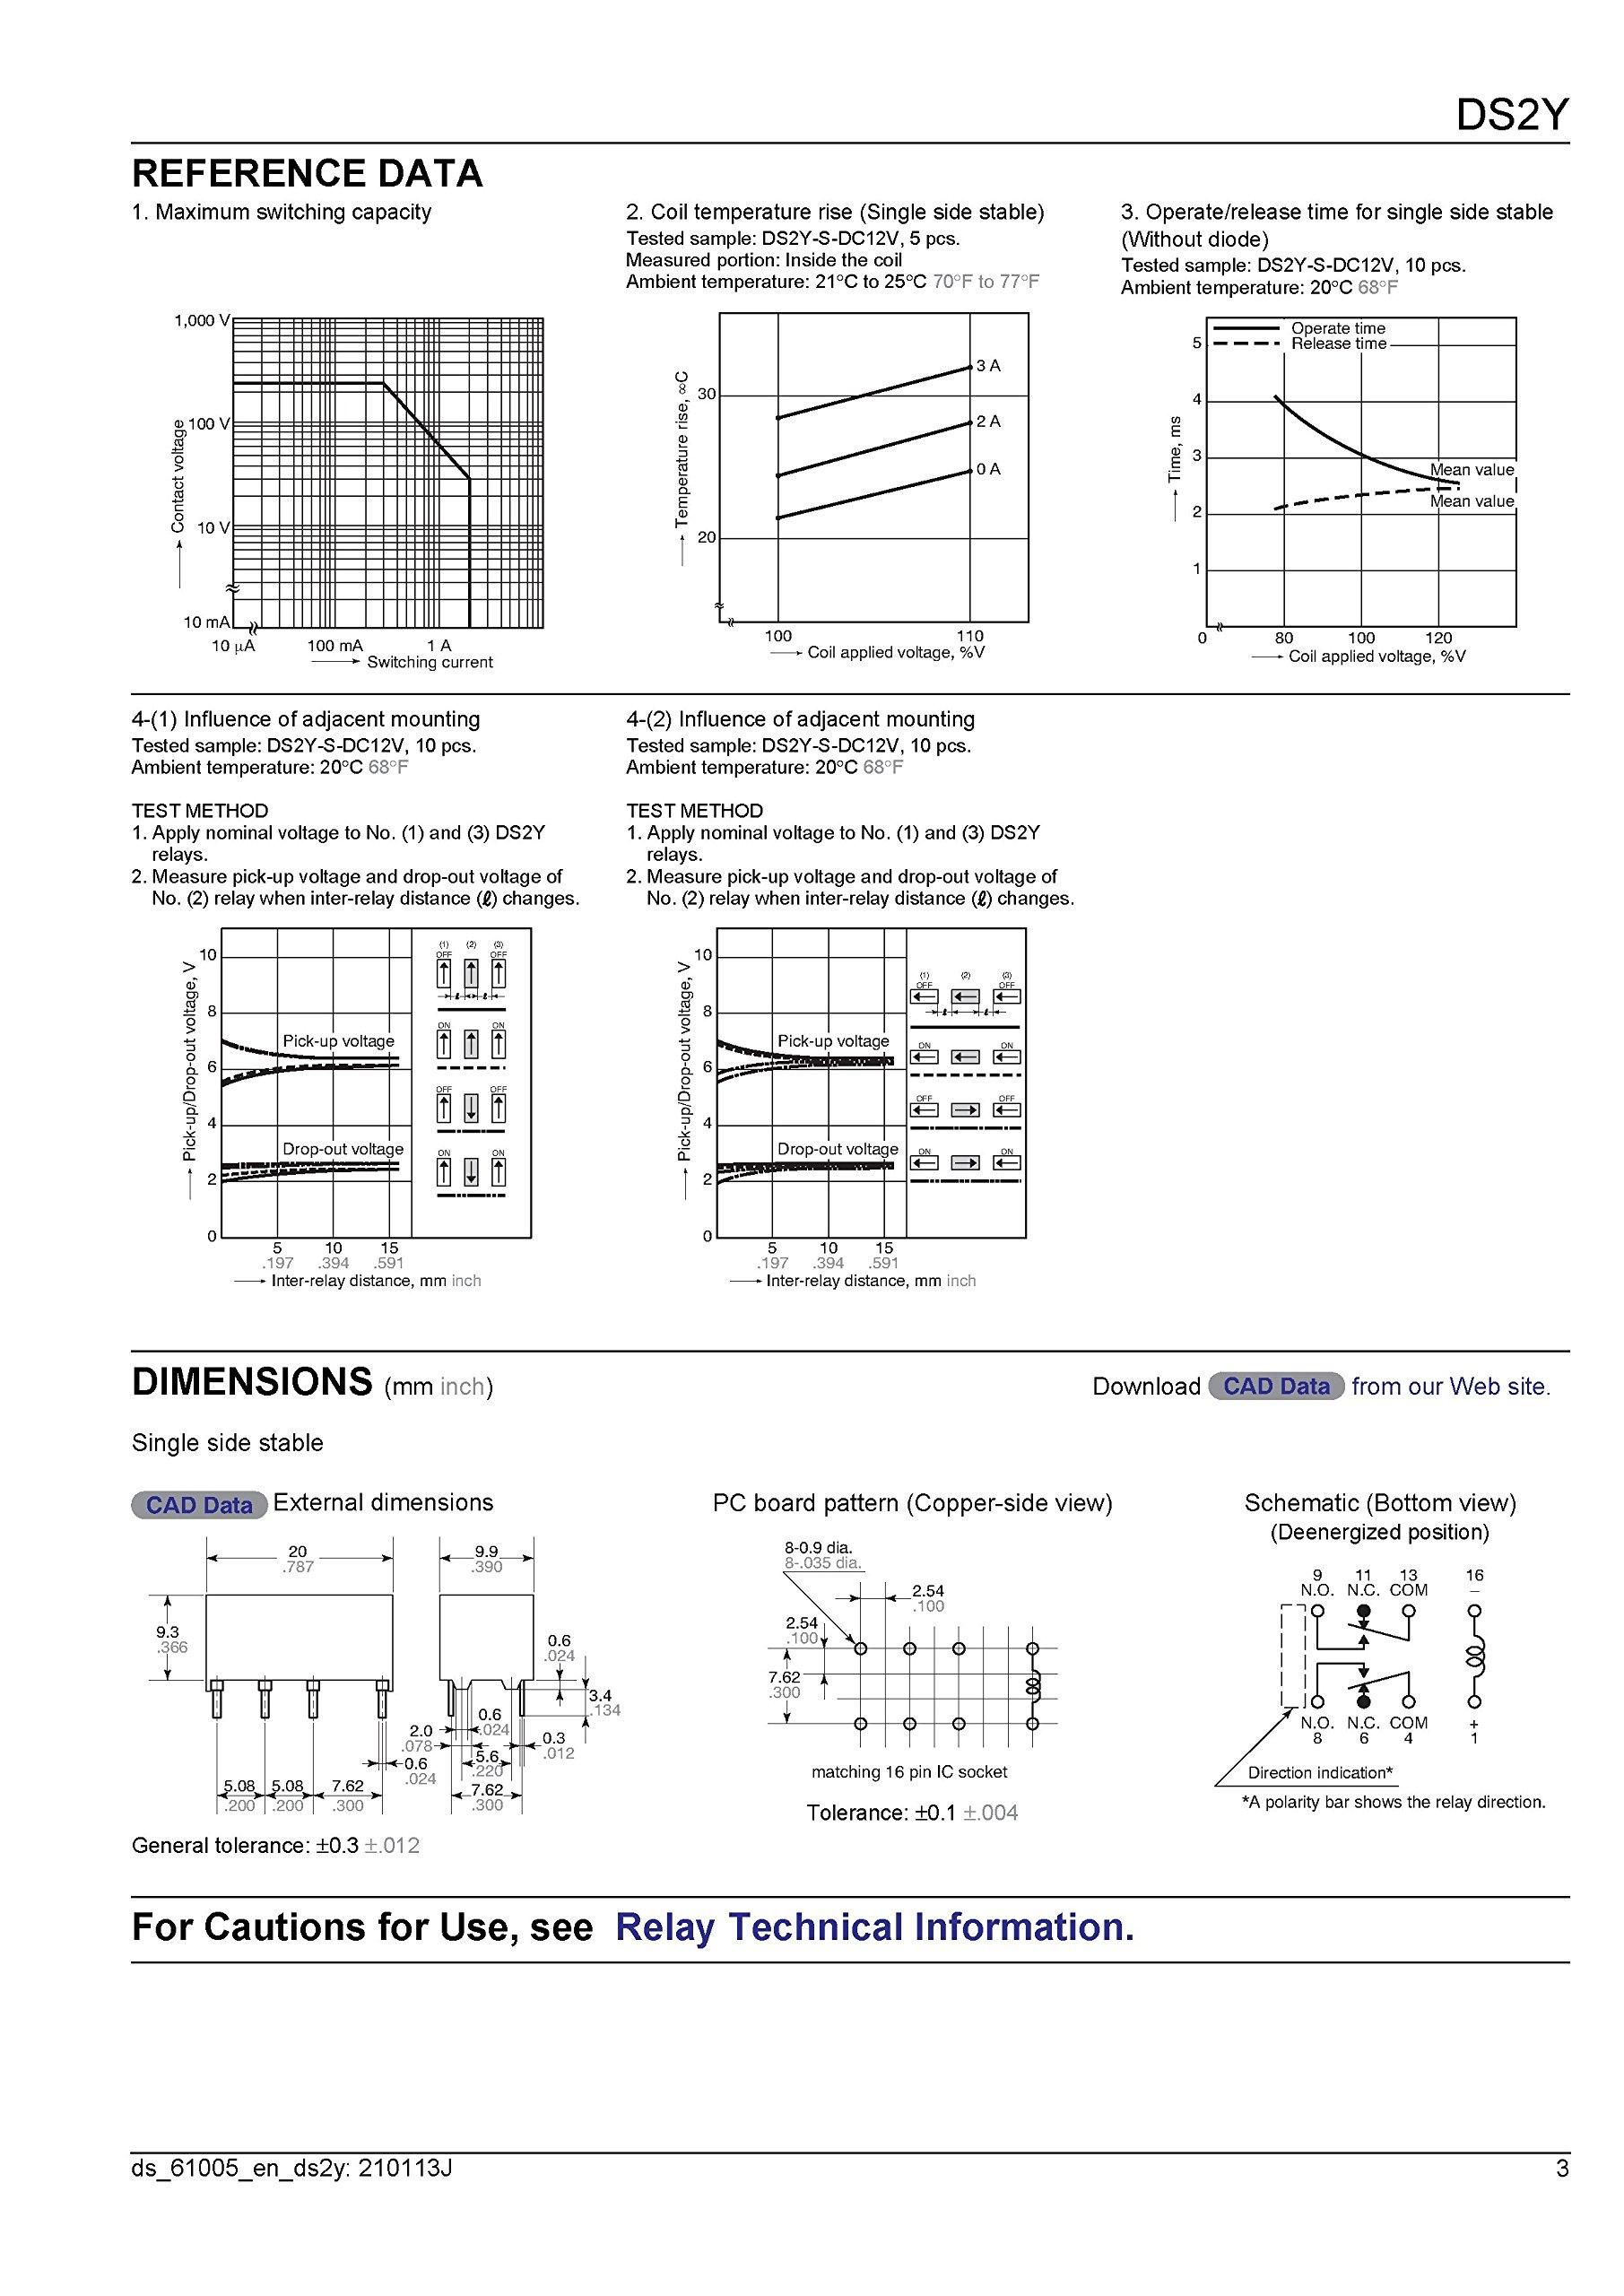 Electronics-Salon 100pcs DS2Y-S-DC12V Miniature Signal Relay, DPDT/2 Form C. by Electronics-Salon